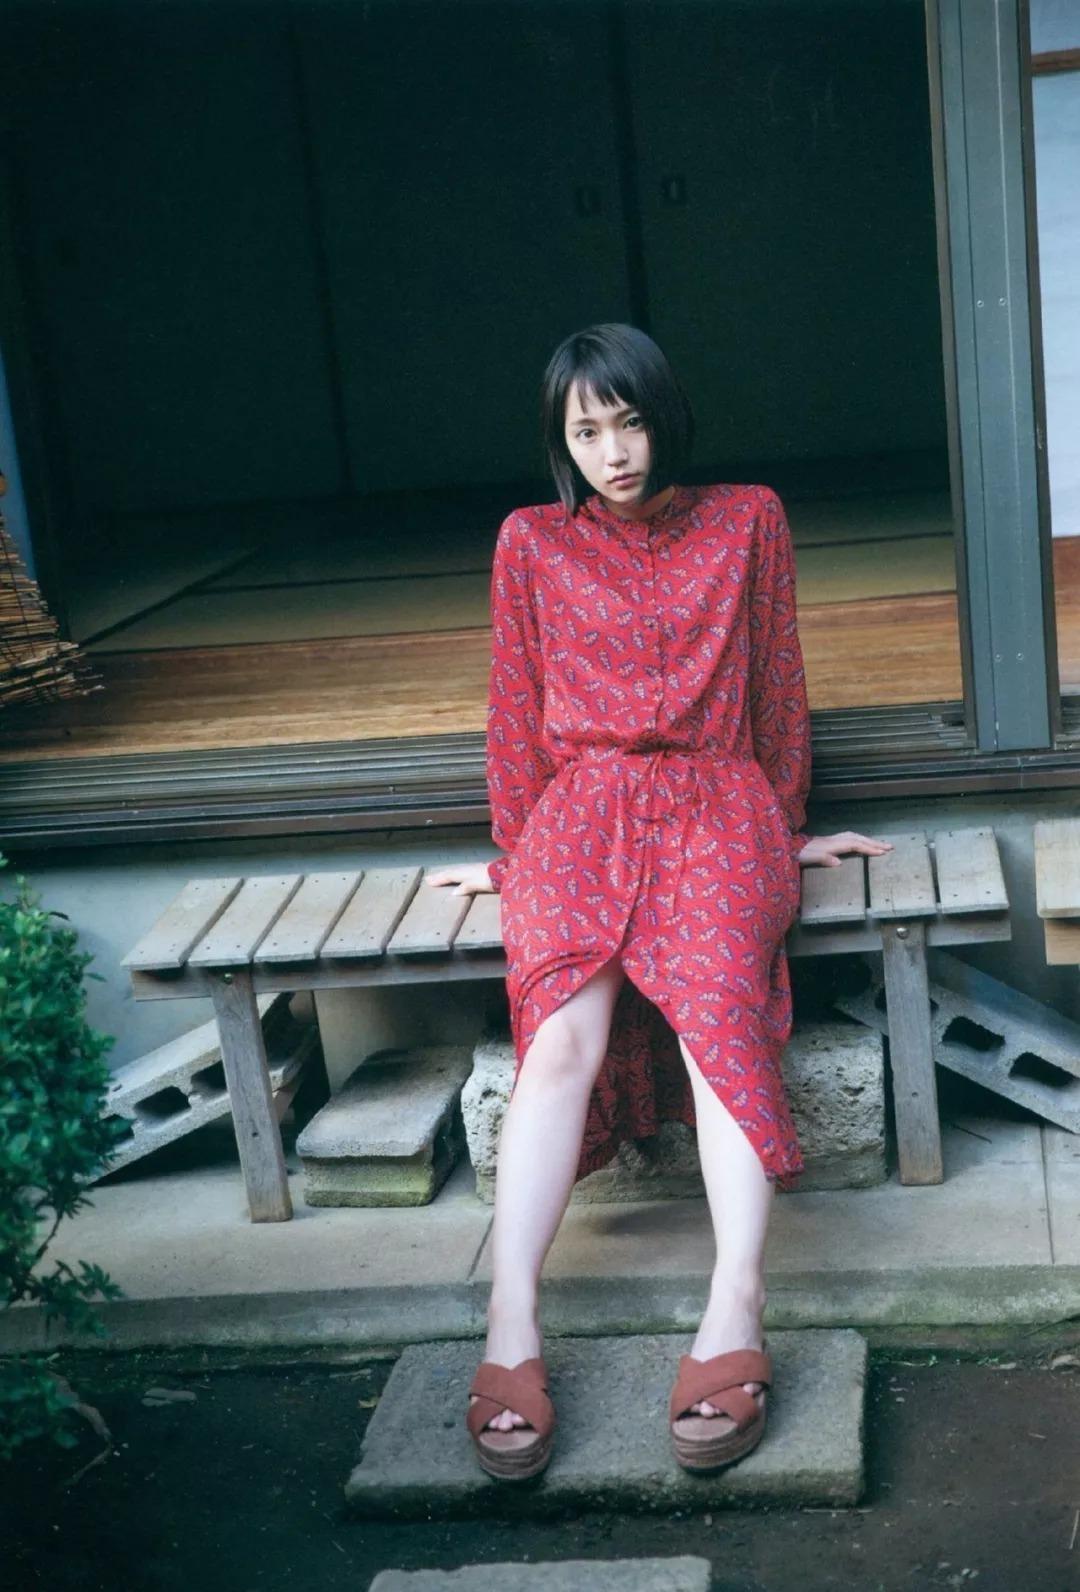 治愈系魔性之女吉冈里帆写真作品 (65)